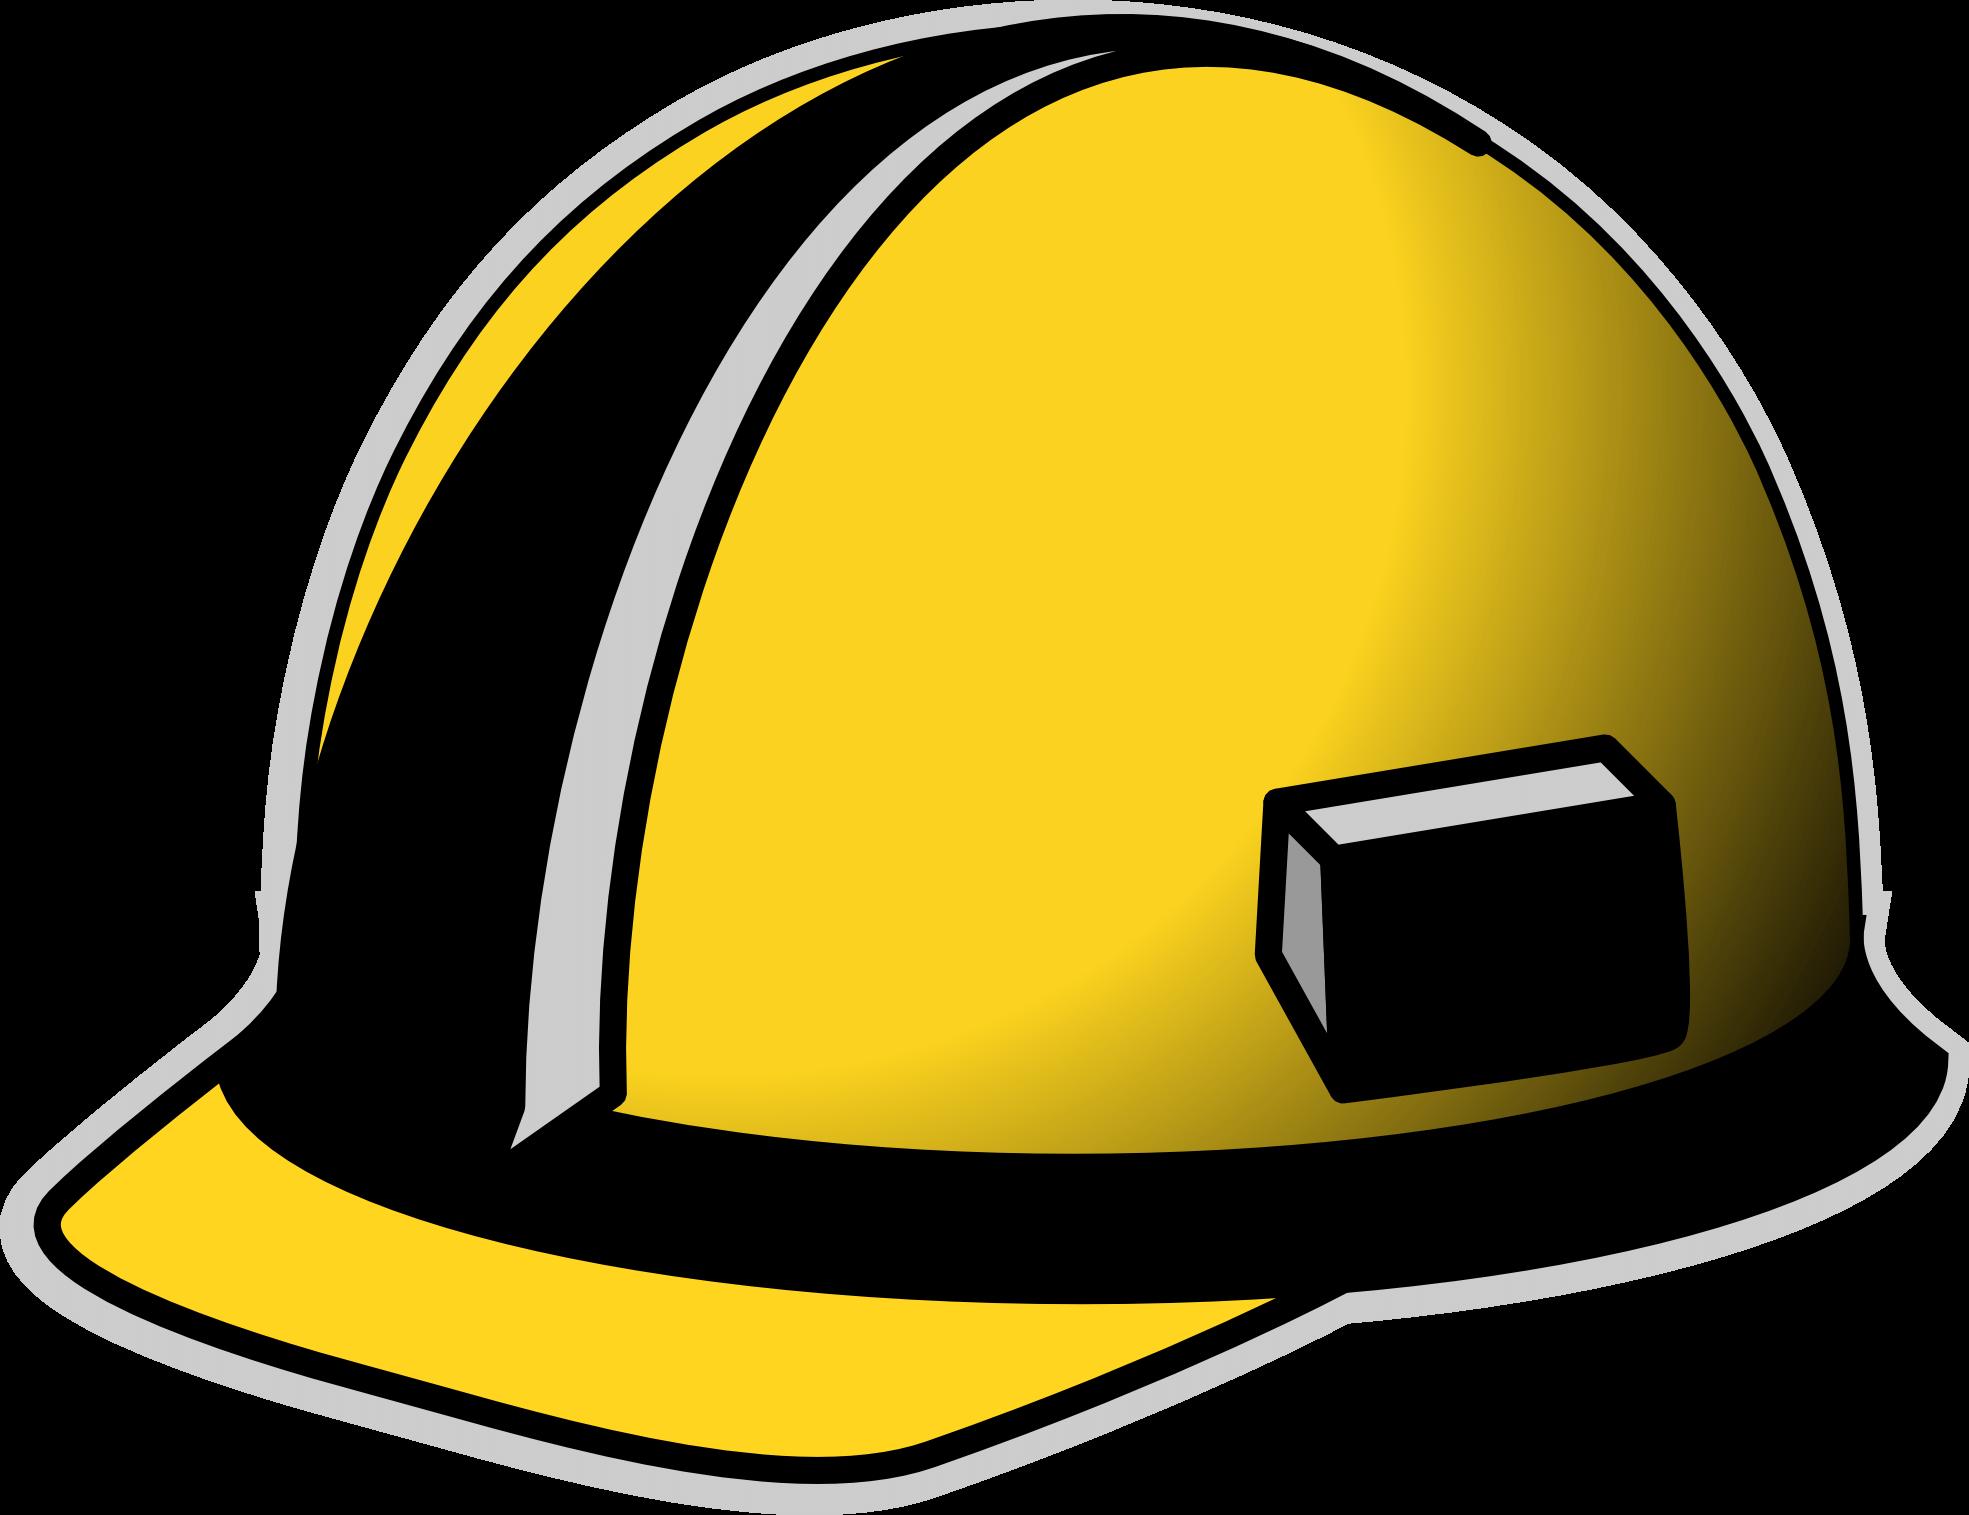 Builder Helmet Cliparts.